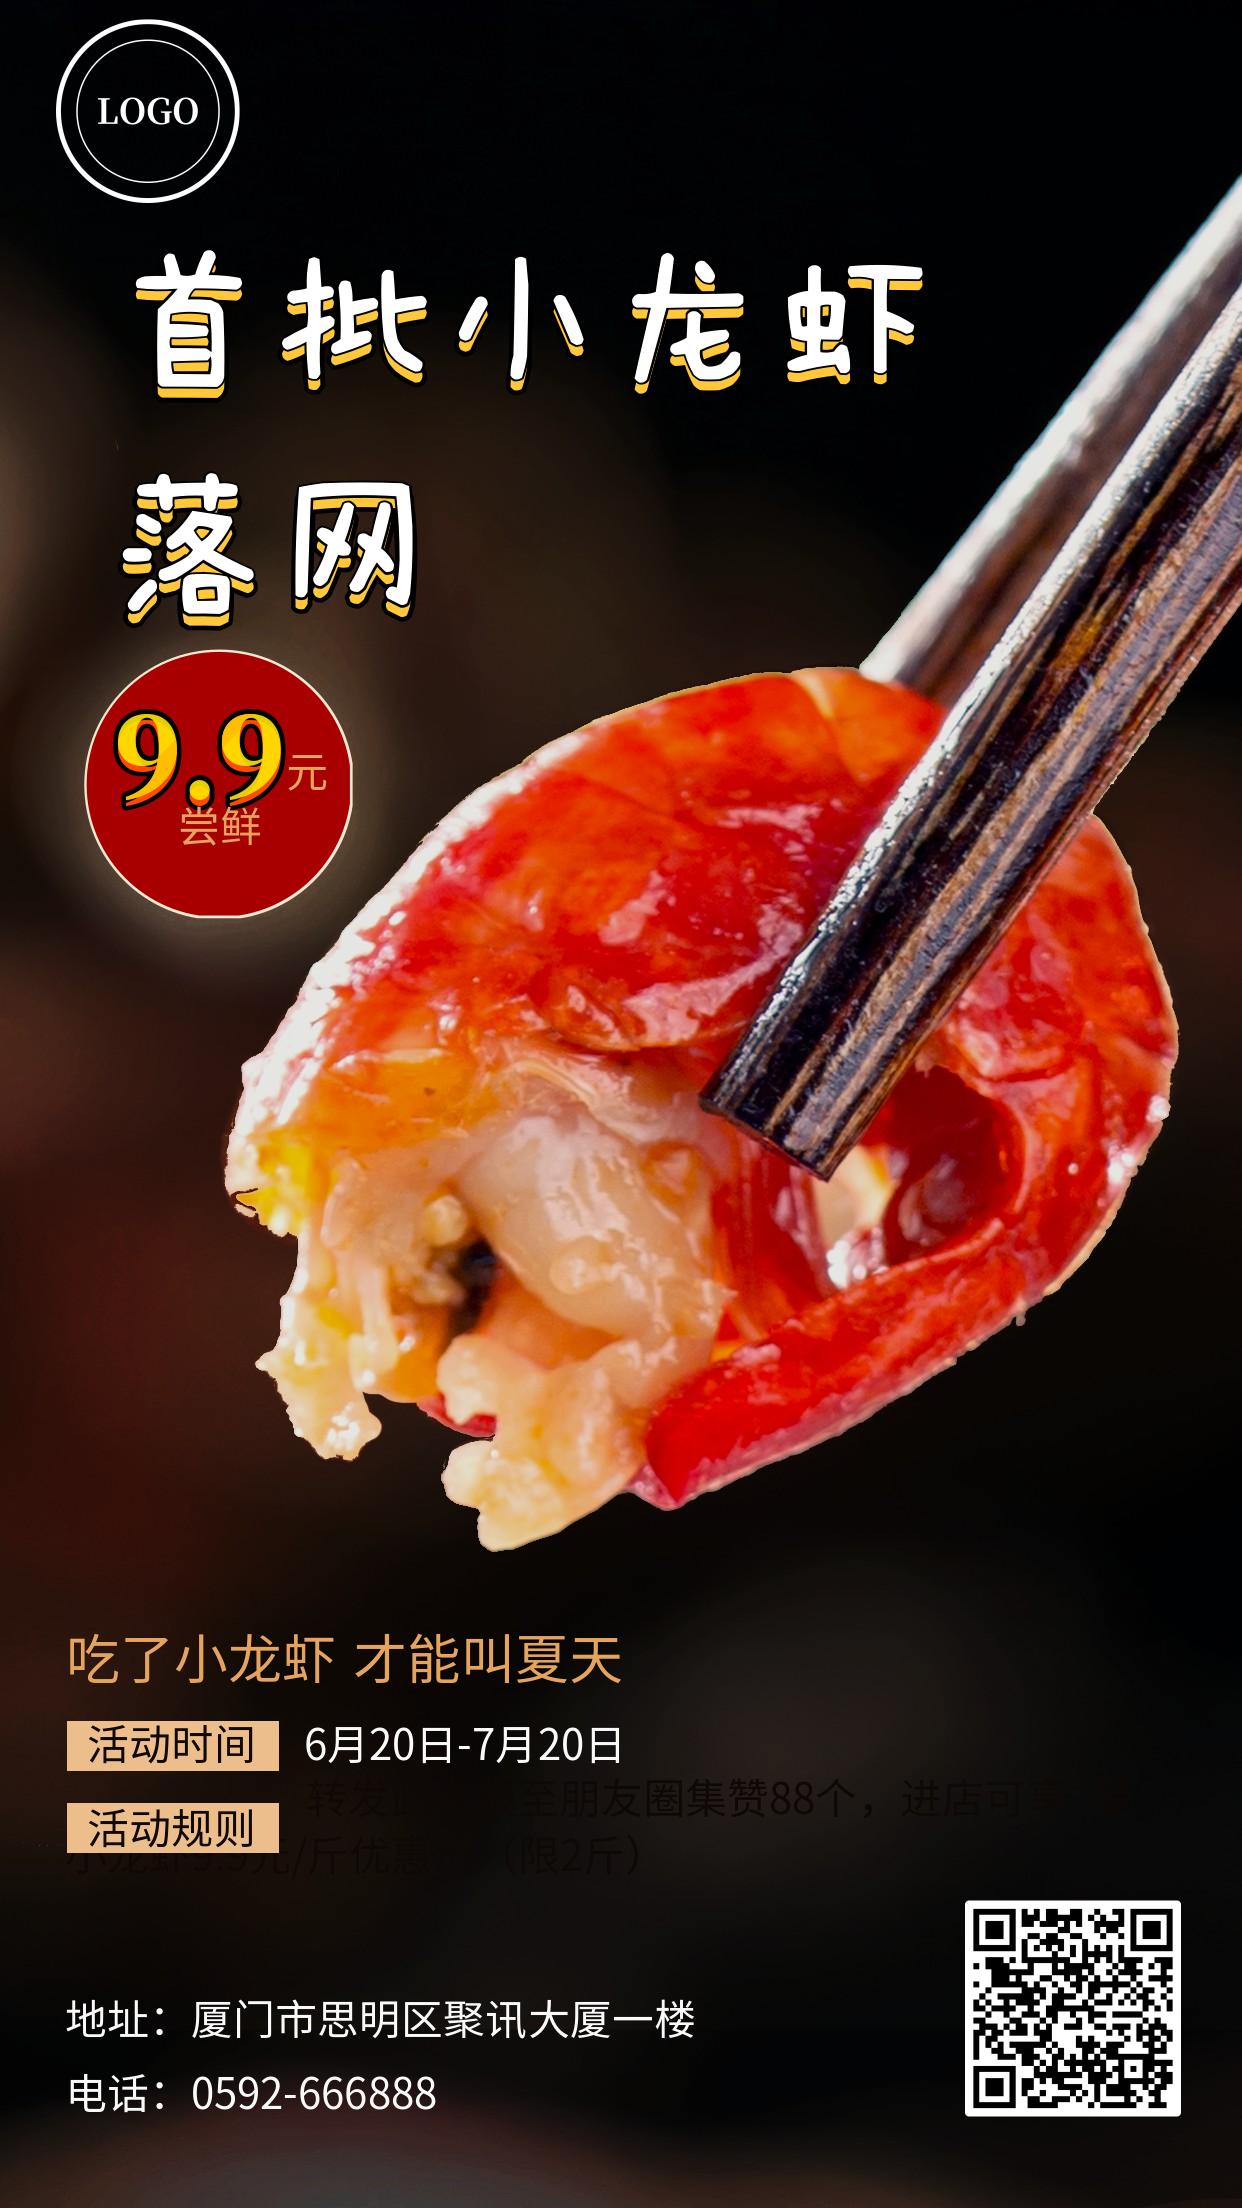 海鲜小龙虾餐饮促销手机海报